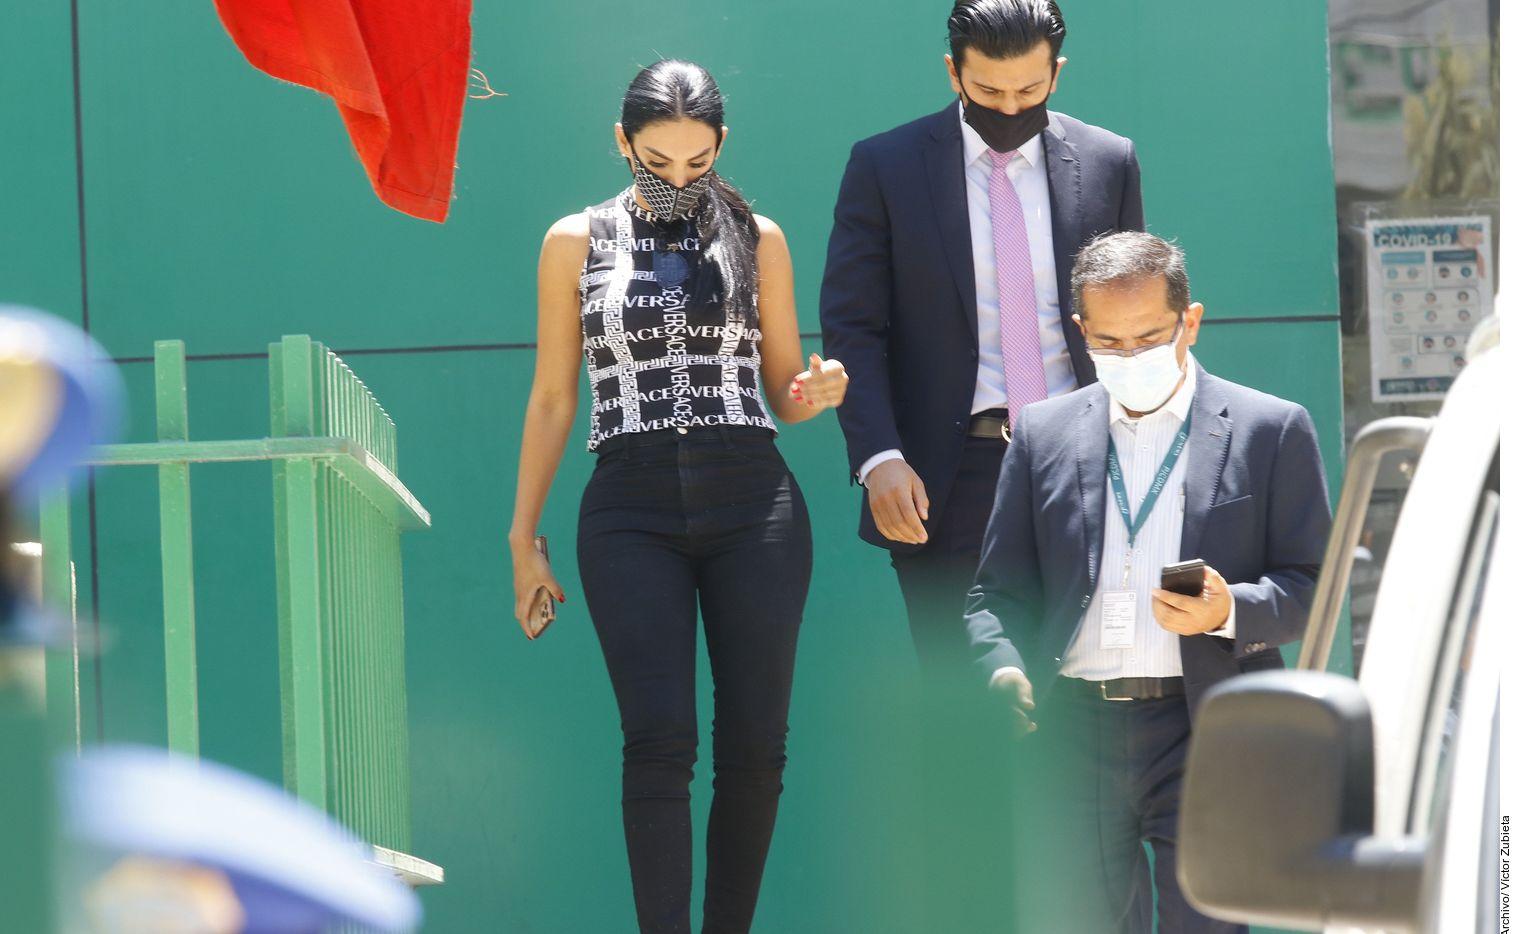 efi Valenzuela, ex pareja de Eleazar Gómez, reveló que ya recibió los 420,000 pesos mexicanos, equivalentes a $21,000 dólares, que le pagó el actor por reparación de daño después de que la agrediera físicamente.